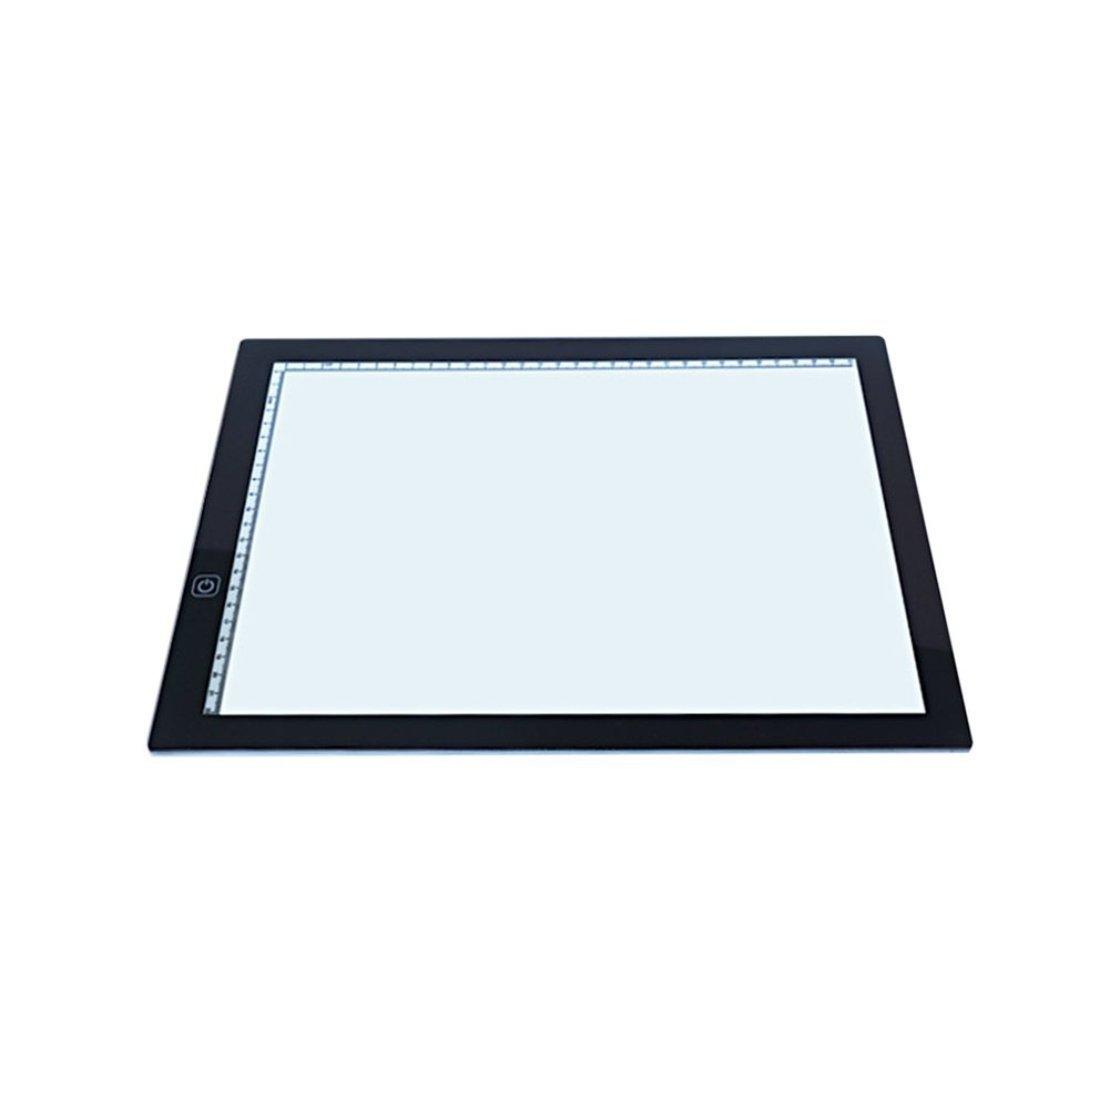 Portatile Ultra-sottile A3 LED Tracing light Touch Board Artist Disegno Drafting Tavoletta grafica Animazione Disegno Copy Board BlackPJenny